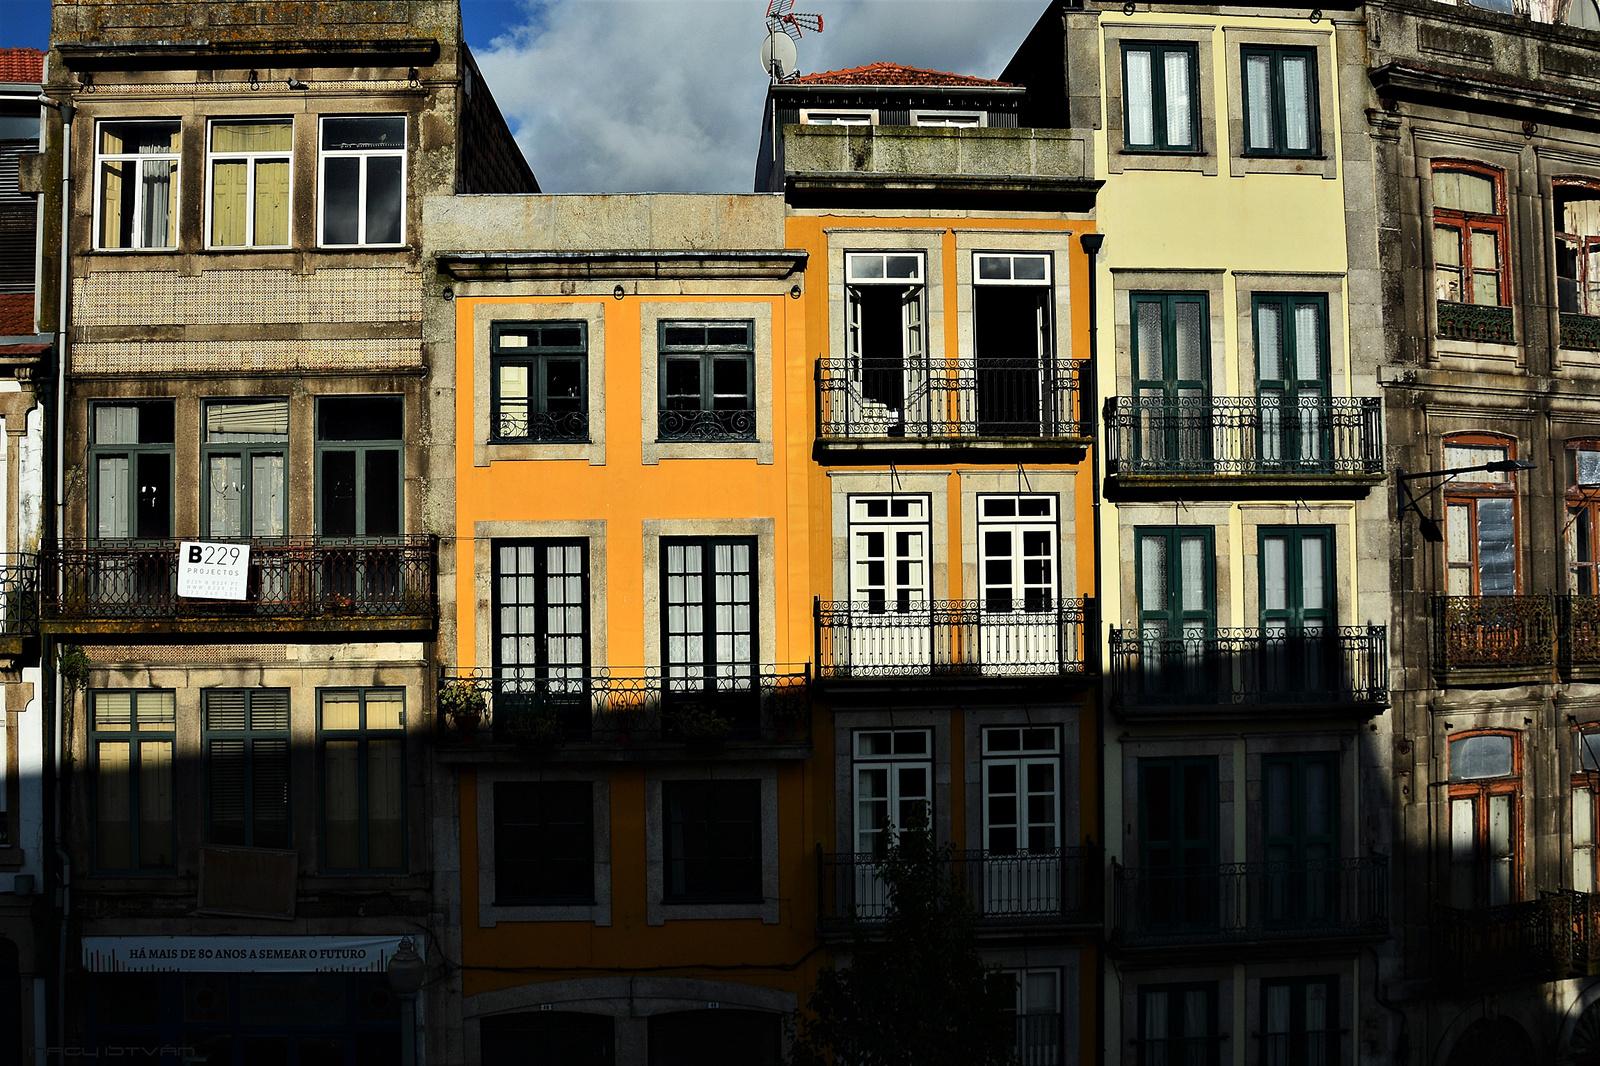 Porto 2018 0605 (2)